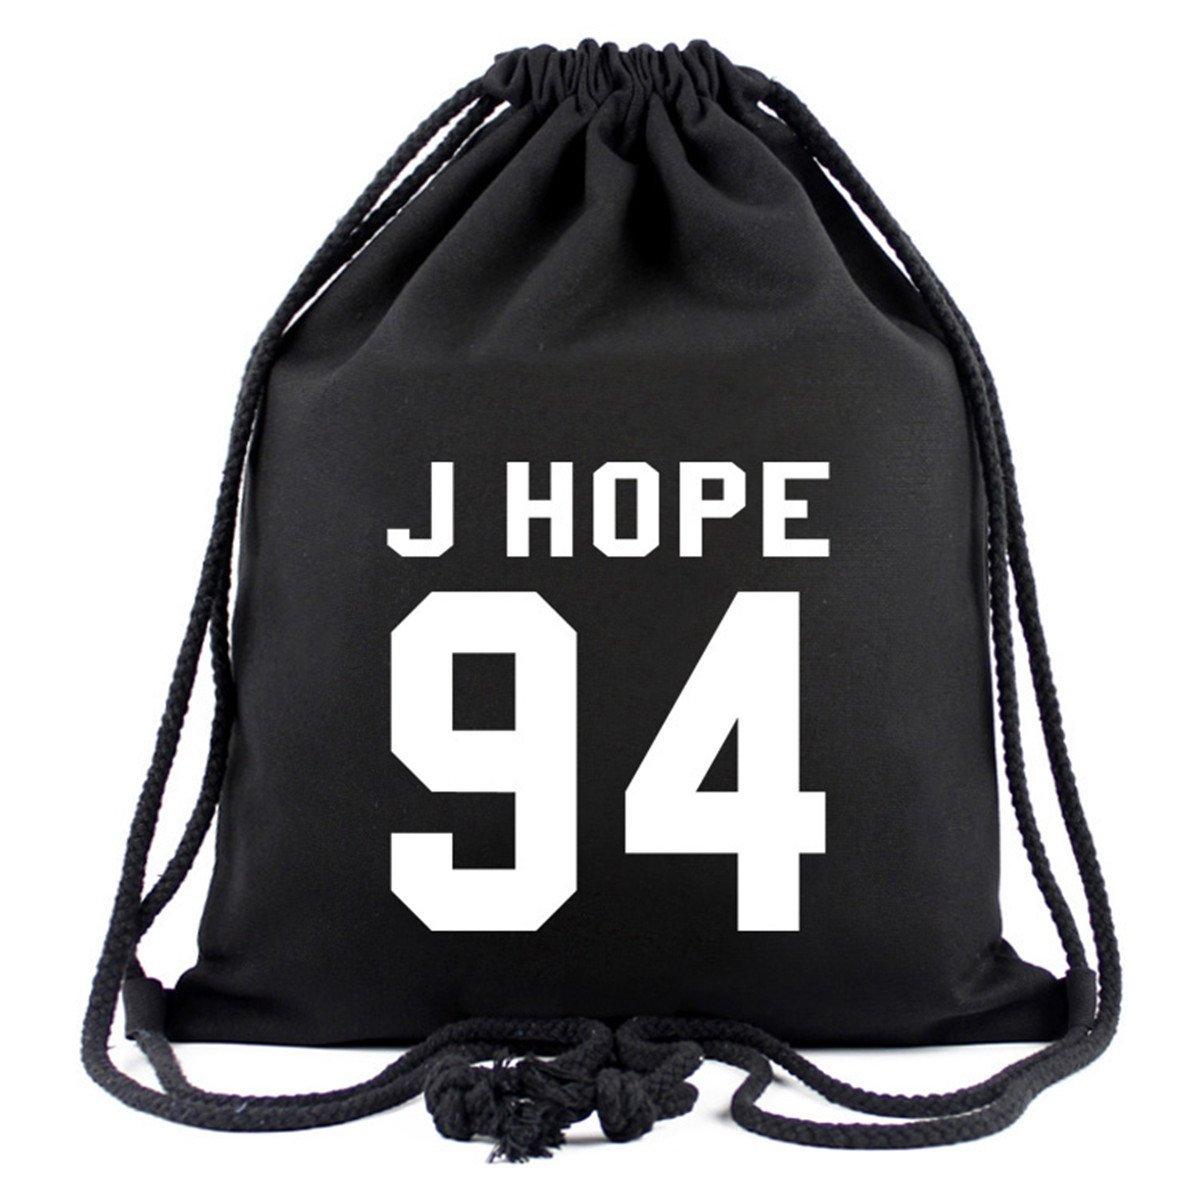 SIMYJOY BTS Fans Toile Sacs à cordon KPOP Sac à Dos Cool Casual Sac de gym Sport Voyage Jimin V Jung Kook